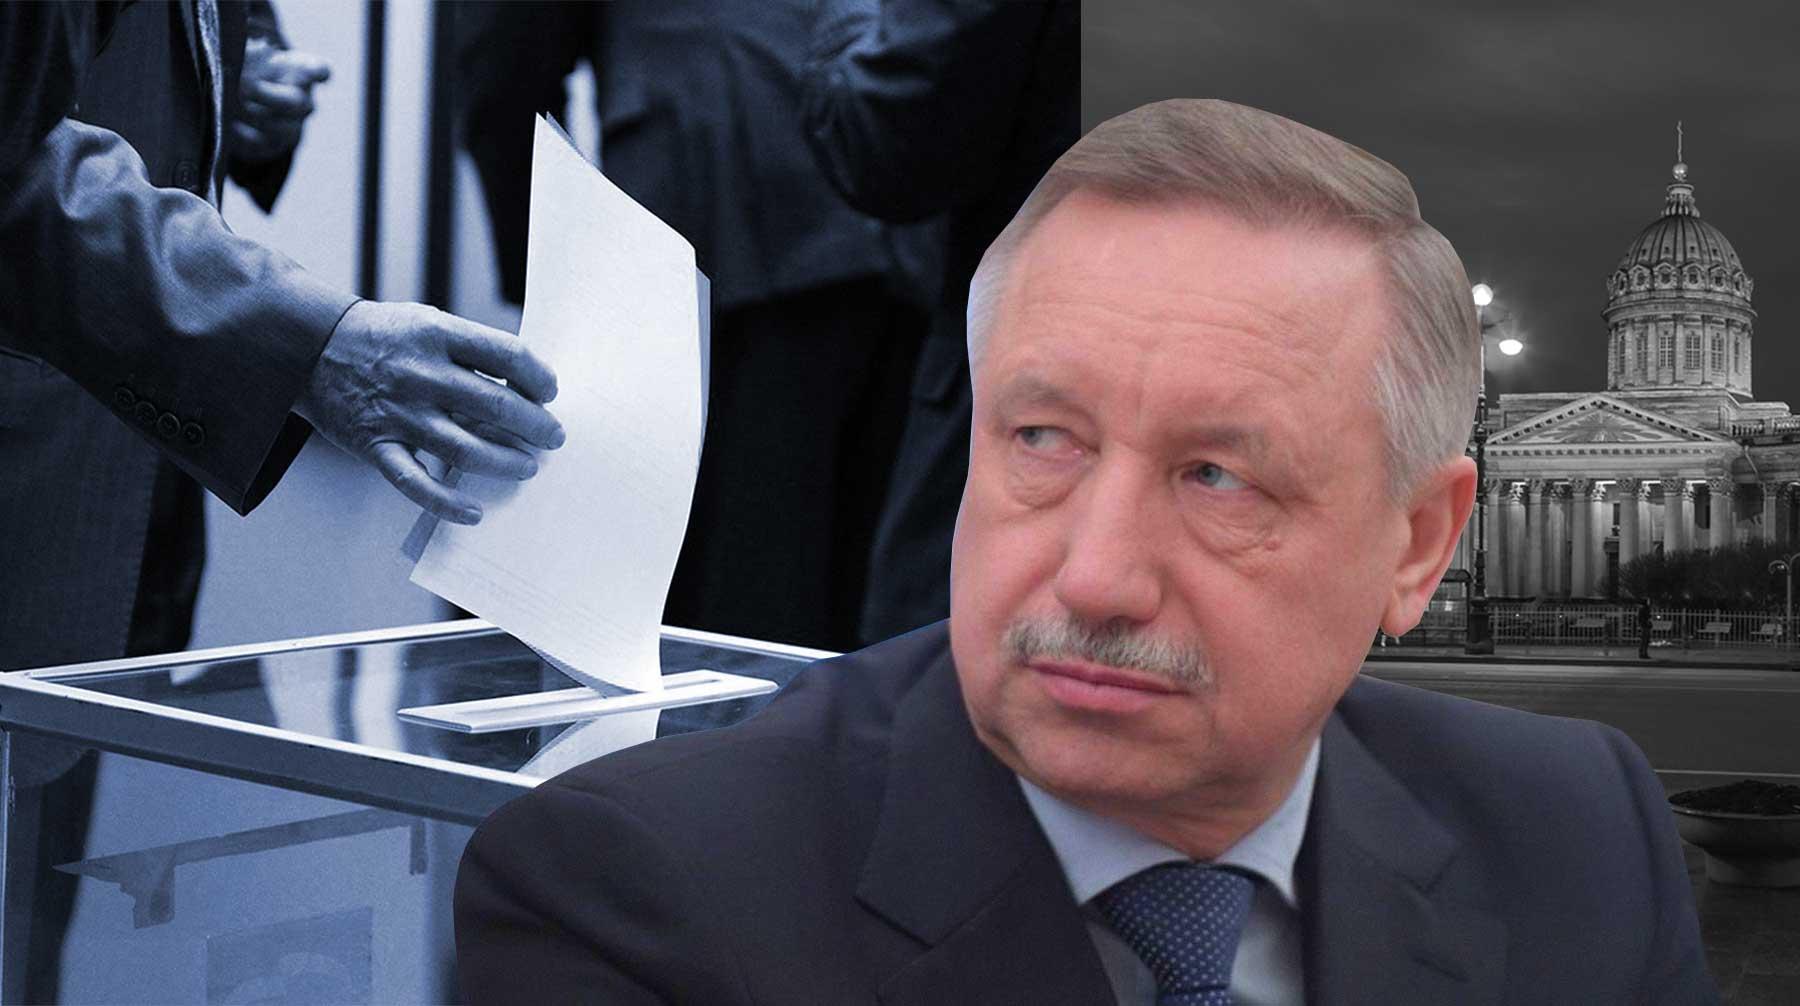 Губернатор Петербурга Беглов убежал после грязных выборов в отпуск